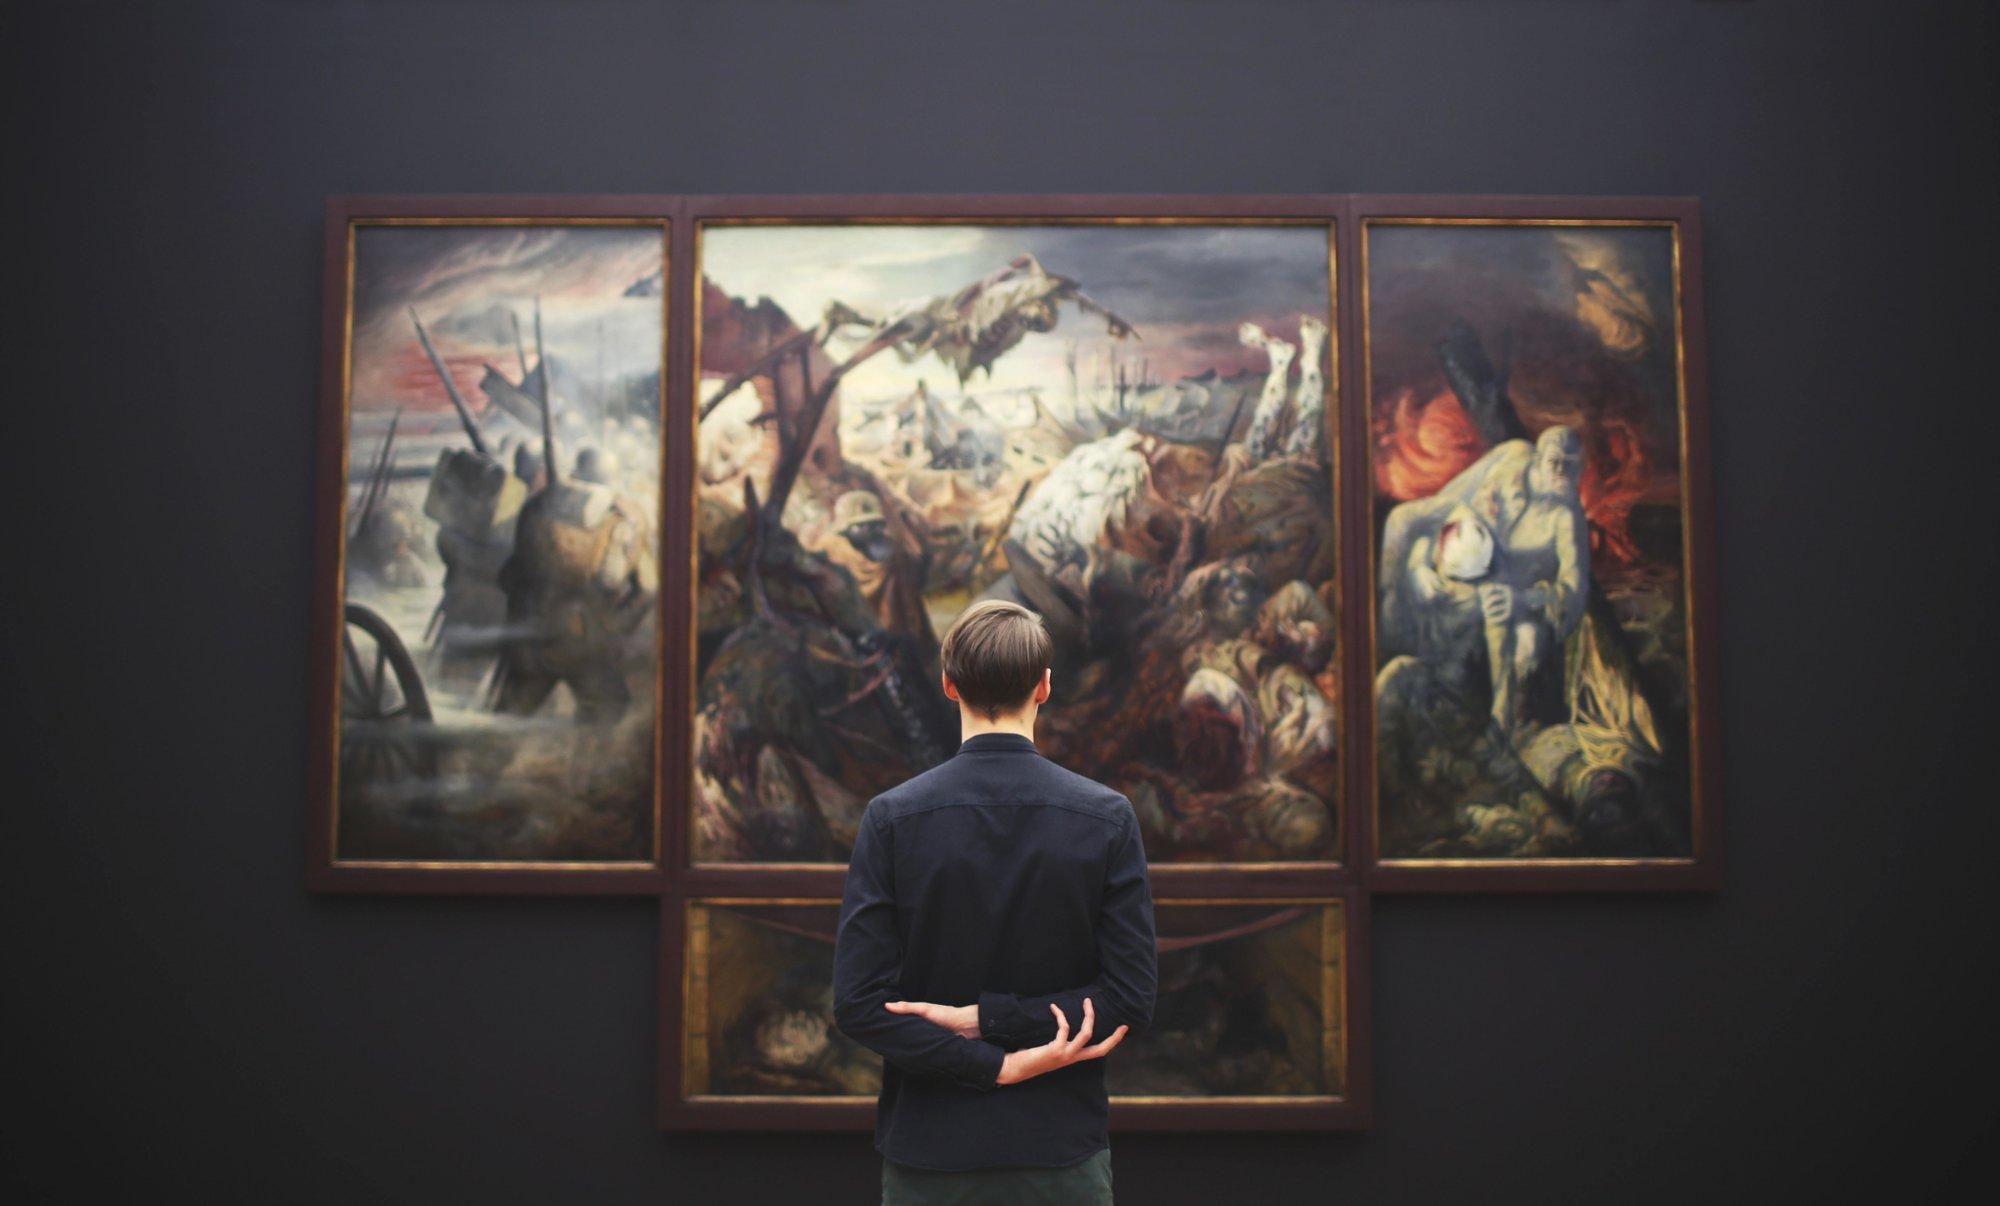 Культурна програма в Києві: які театри, музеї та мистецькі центри перейшли в онлайн